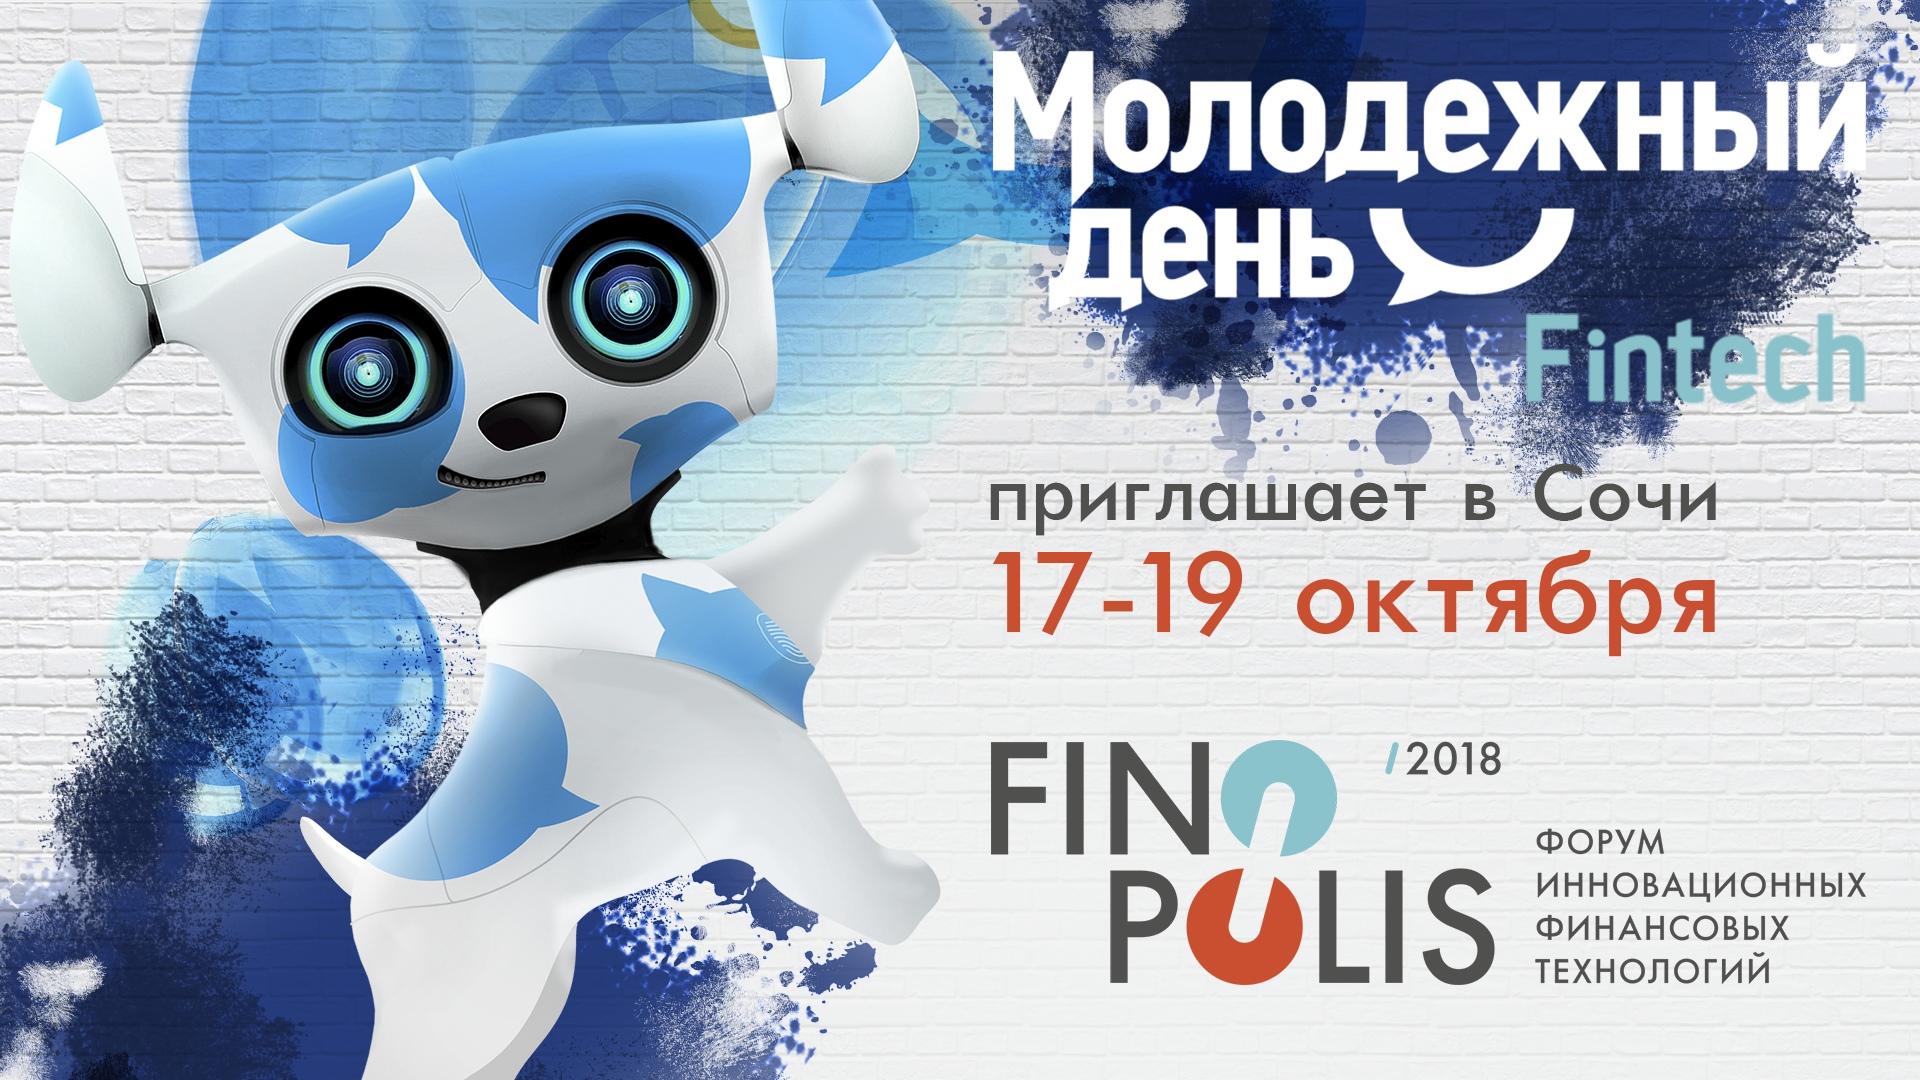 Начинается прием заявок на Молодежный день FinTech